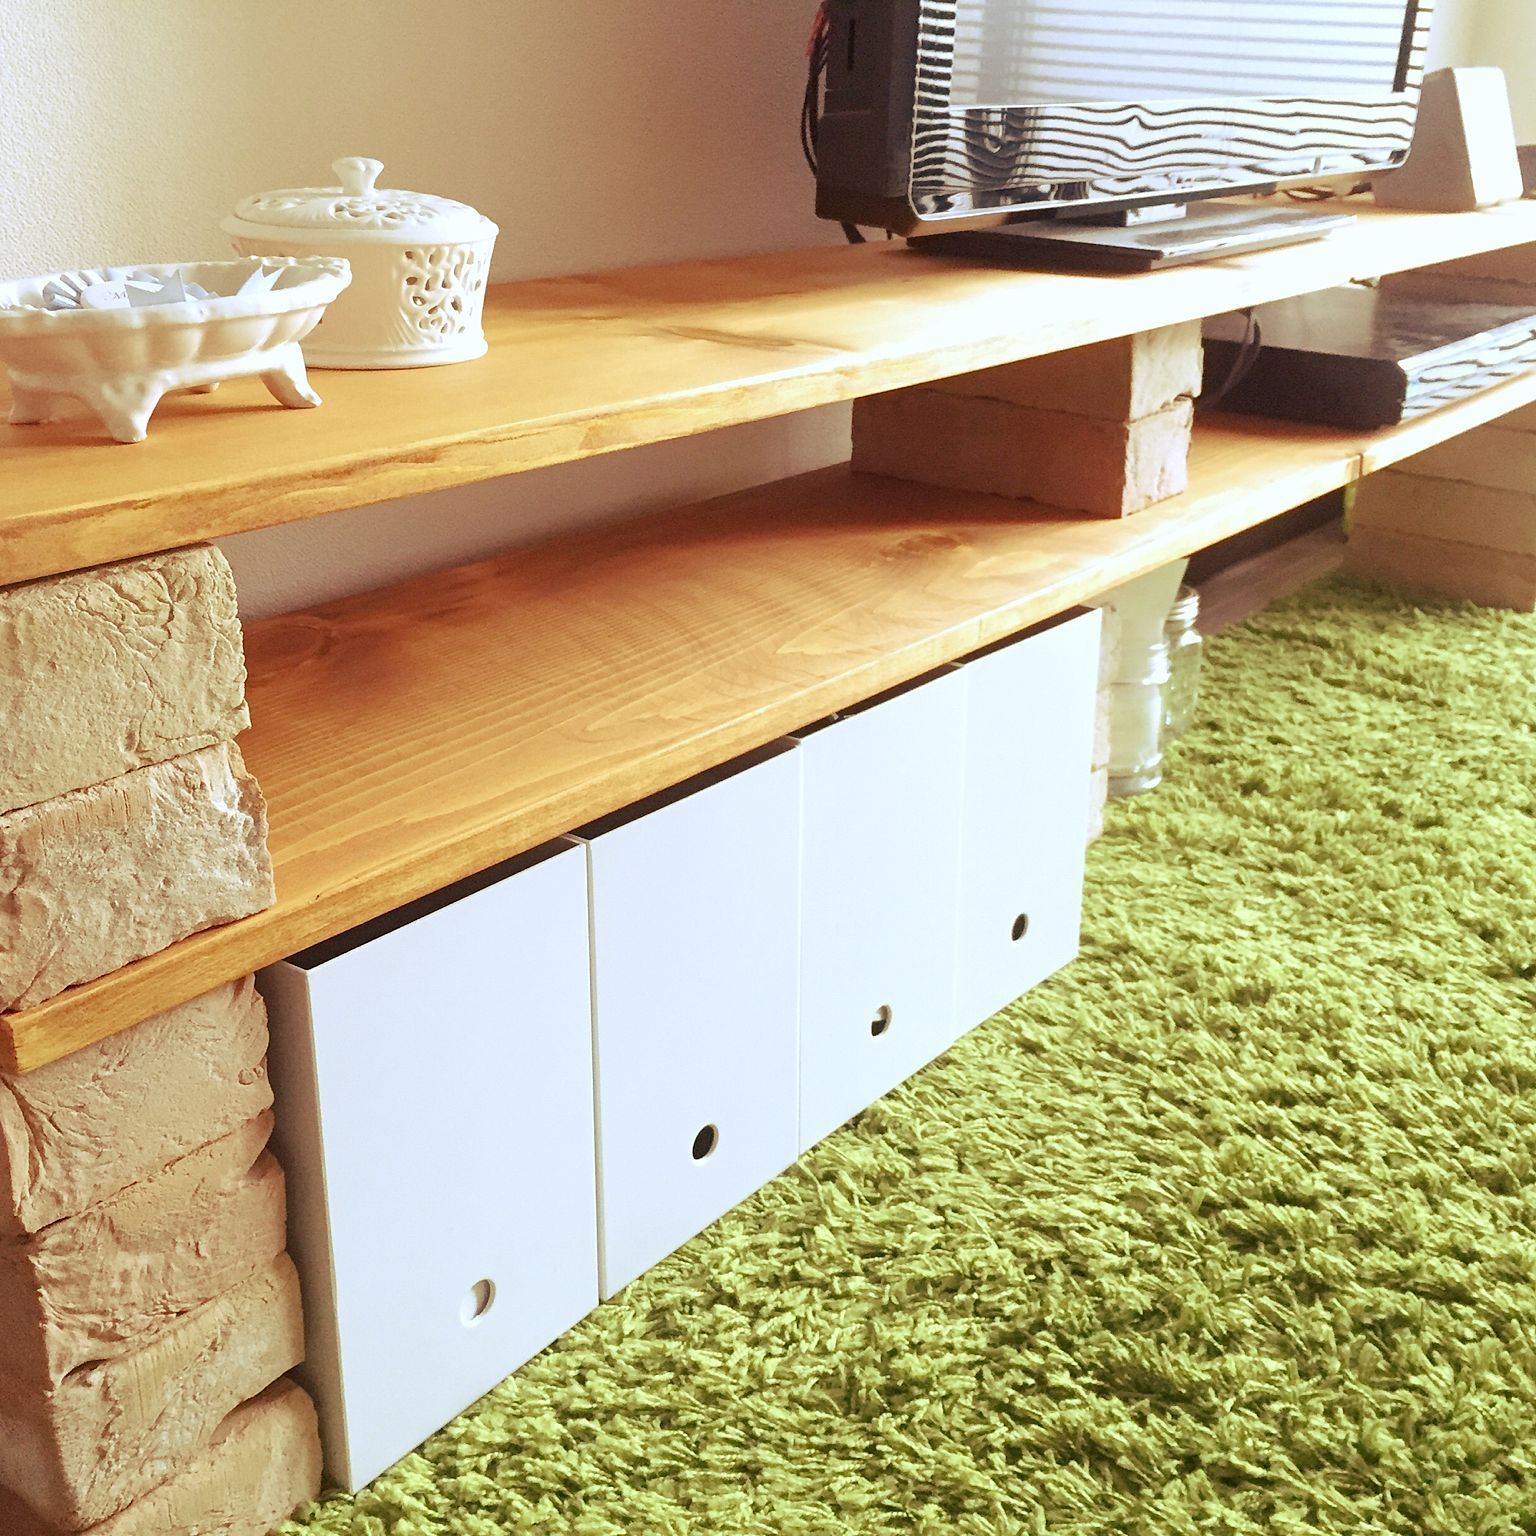 レンガと木材で作る おしゃれなテレビ台のdiyアイデア特集 Folk テレビ台 Diy おしゃれ テレビ台 Diy 自宅で